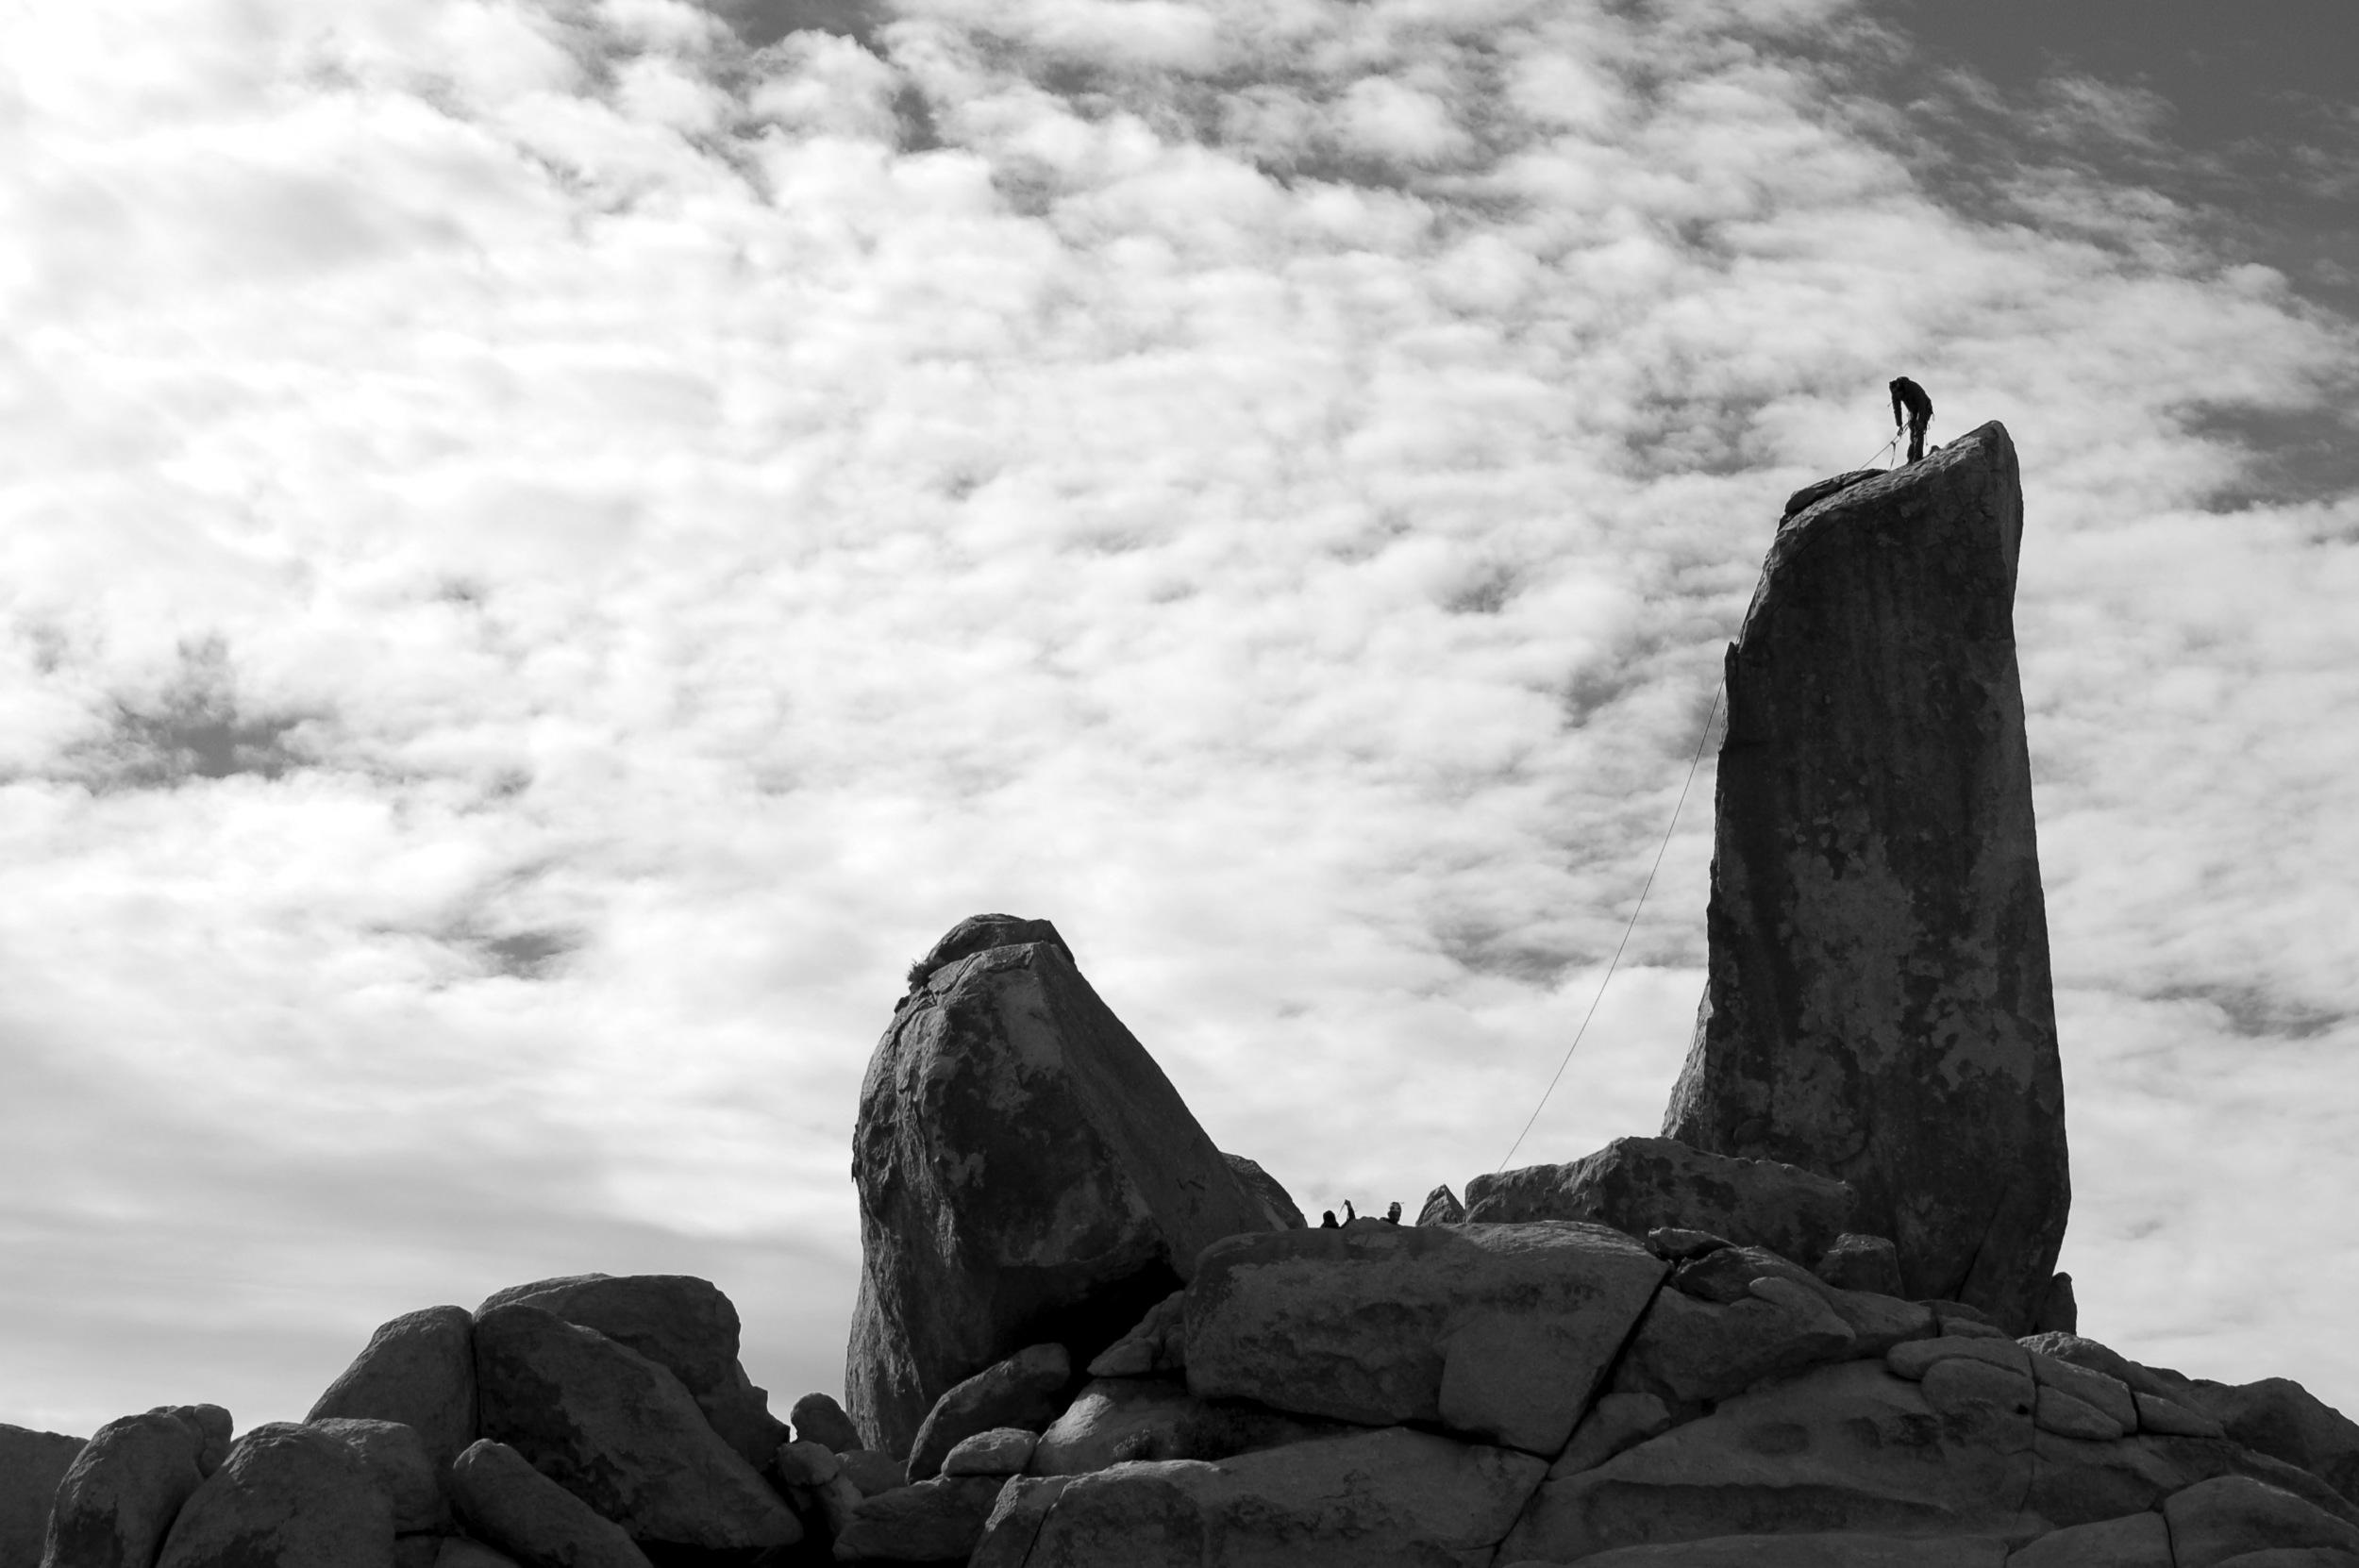 Matt Artz, 'Joshua Tree National Park, 2014'